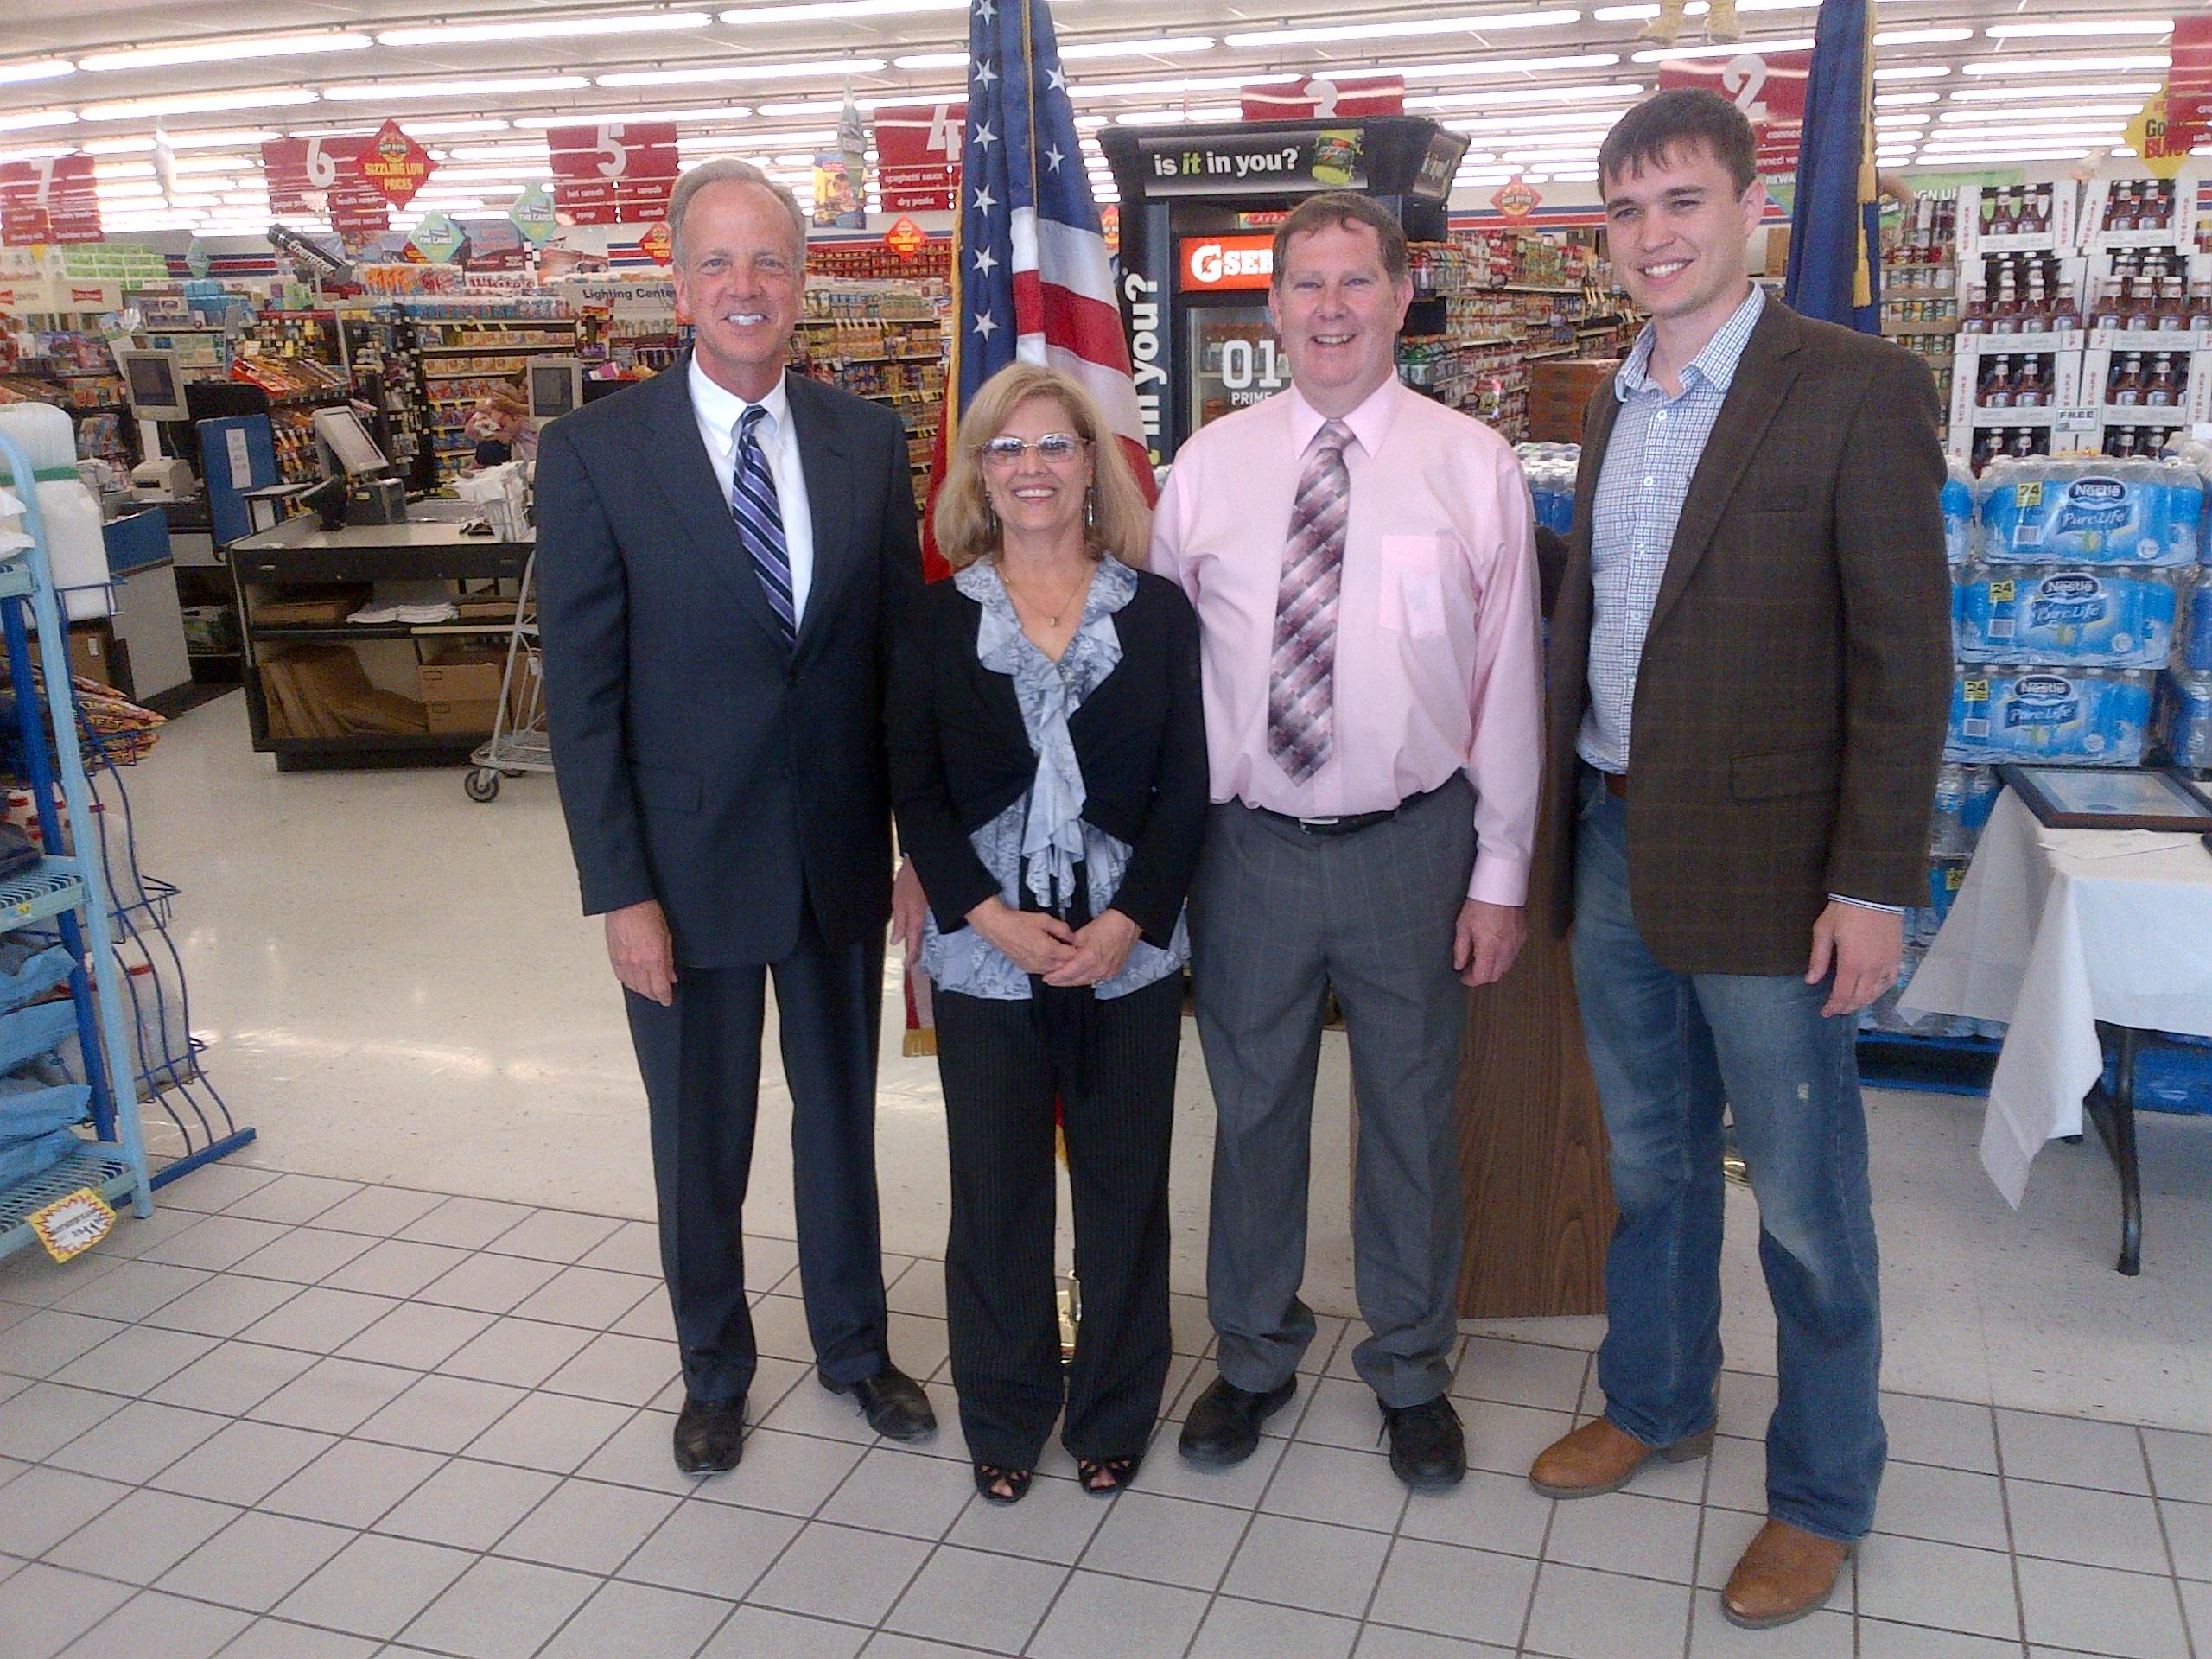 Sen. Moran Congratulates Gordon and Mary Jenkins